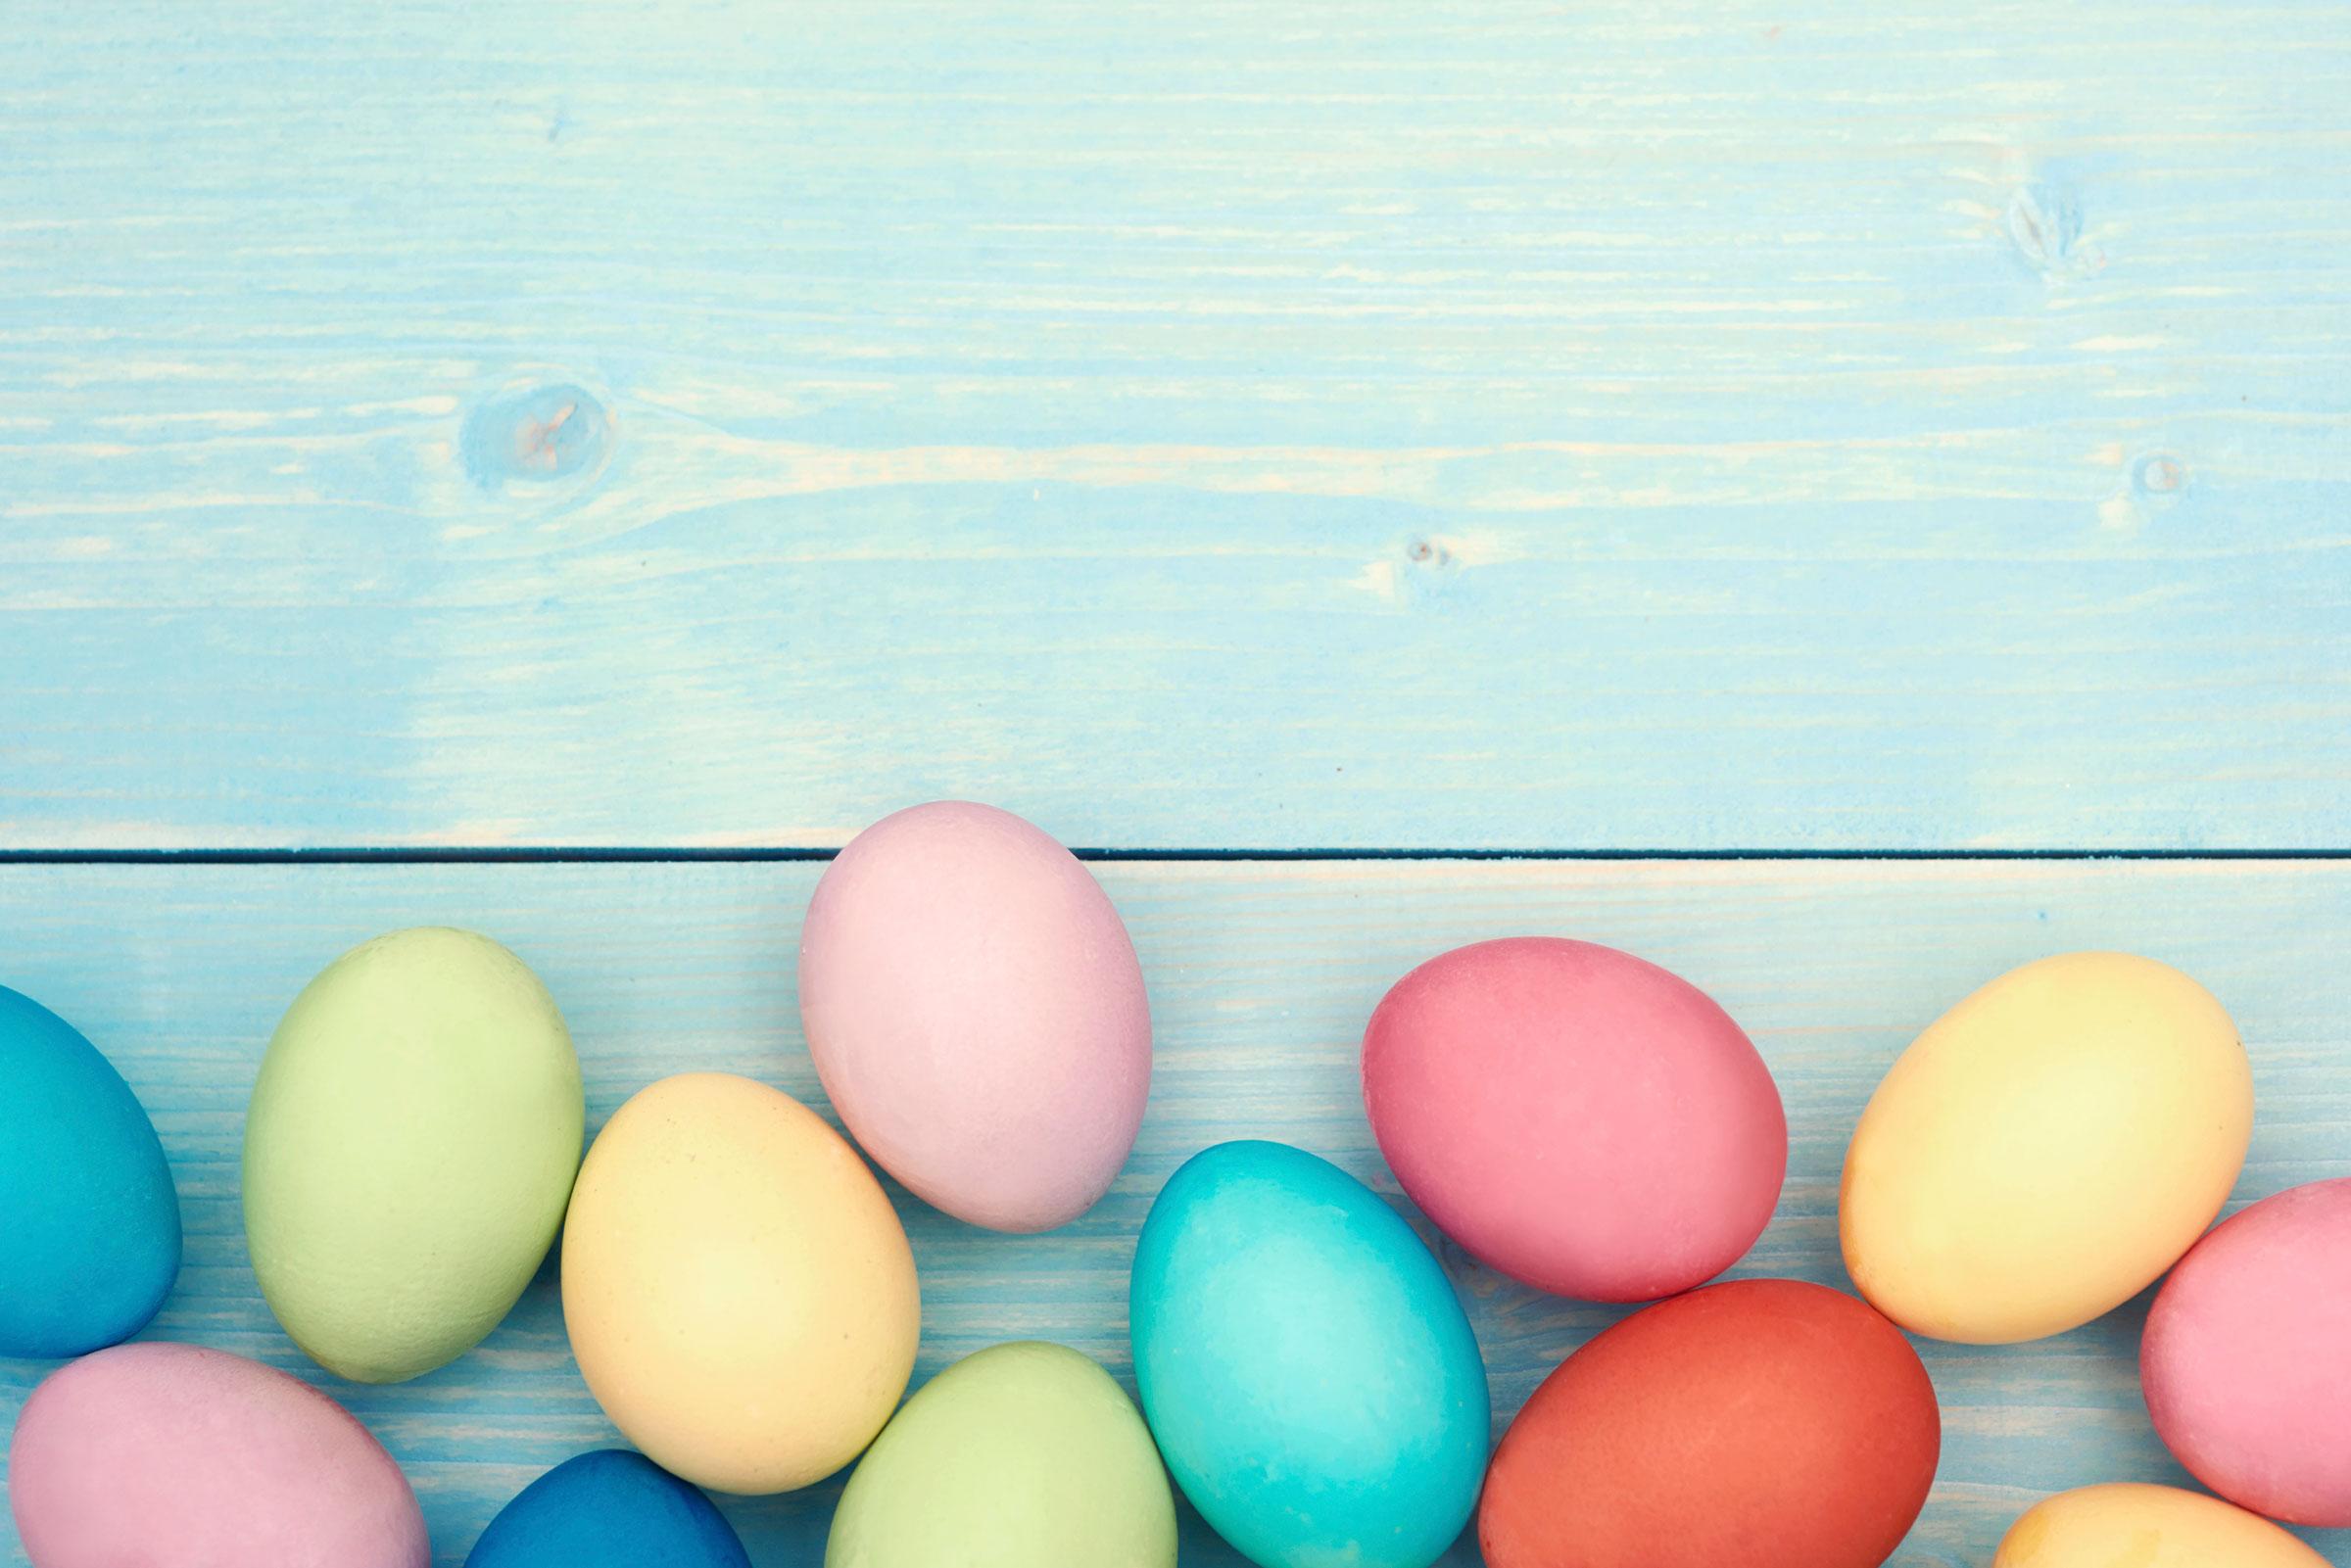 Cum obținem ouă de Paște vopsite 100% natural?